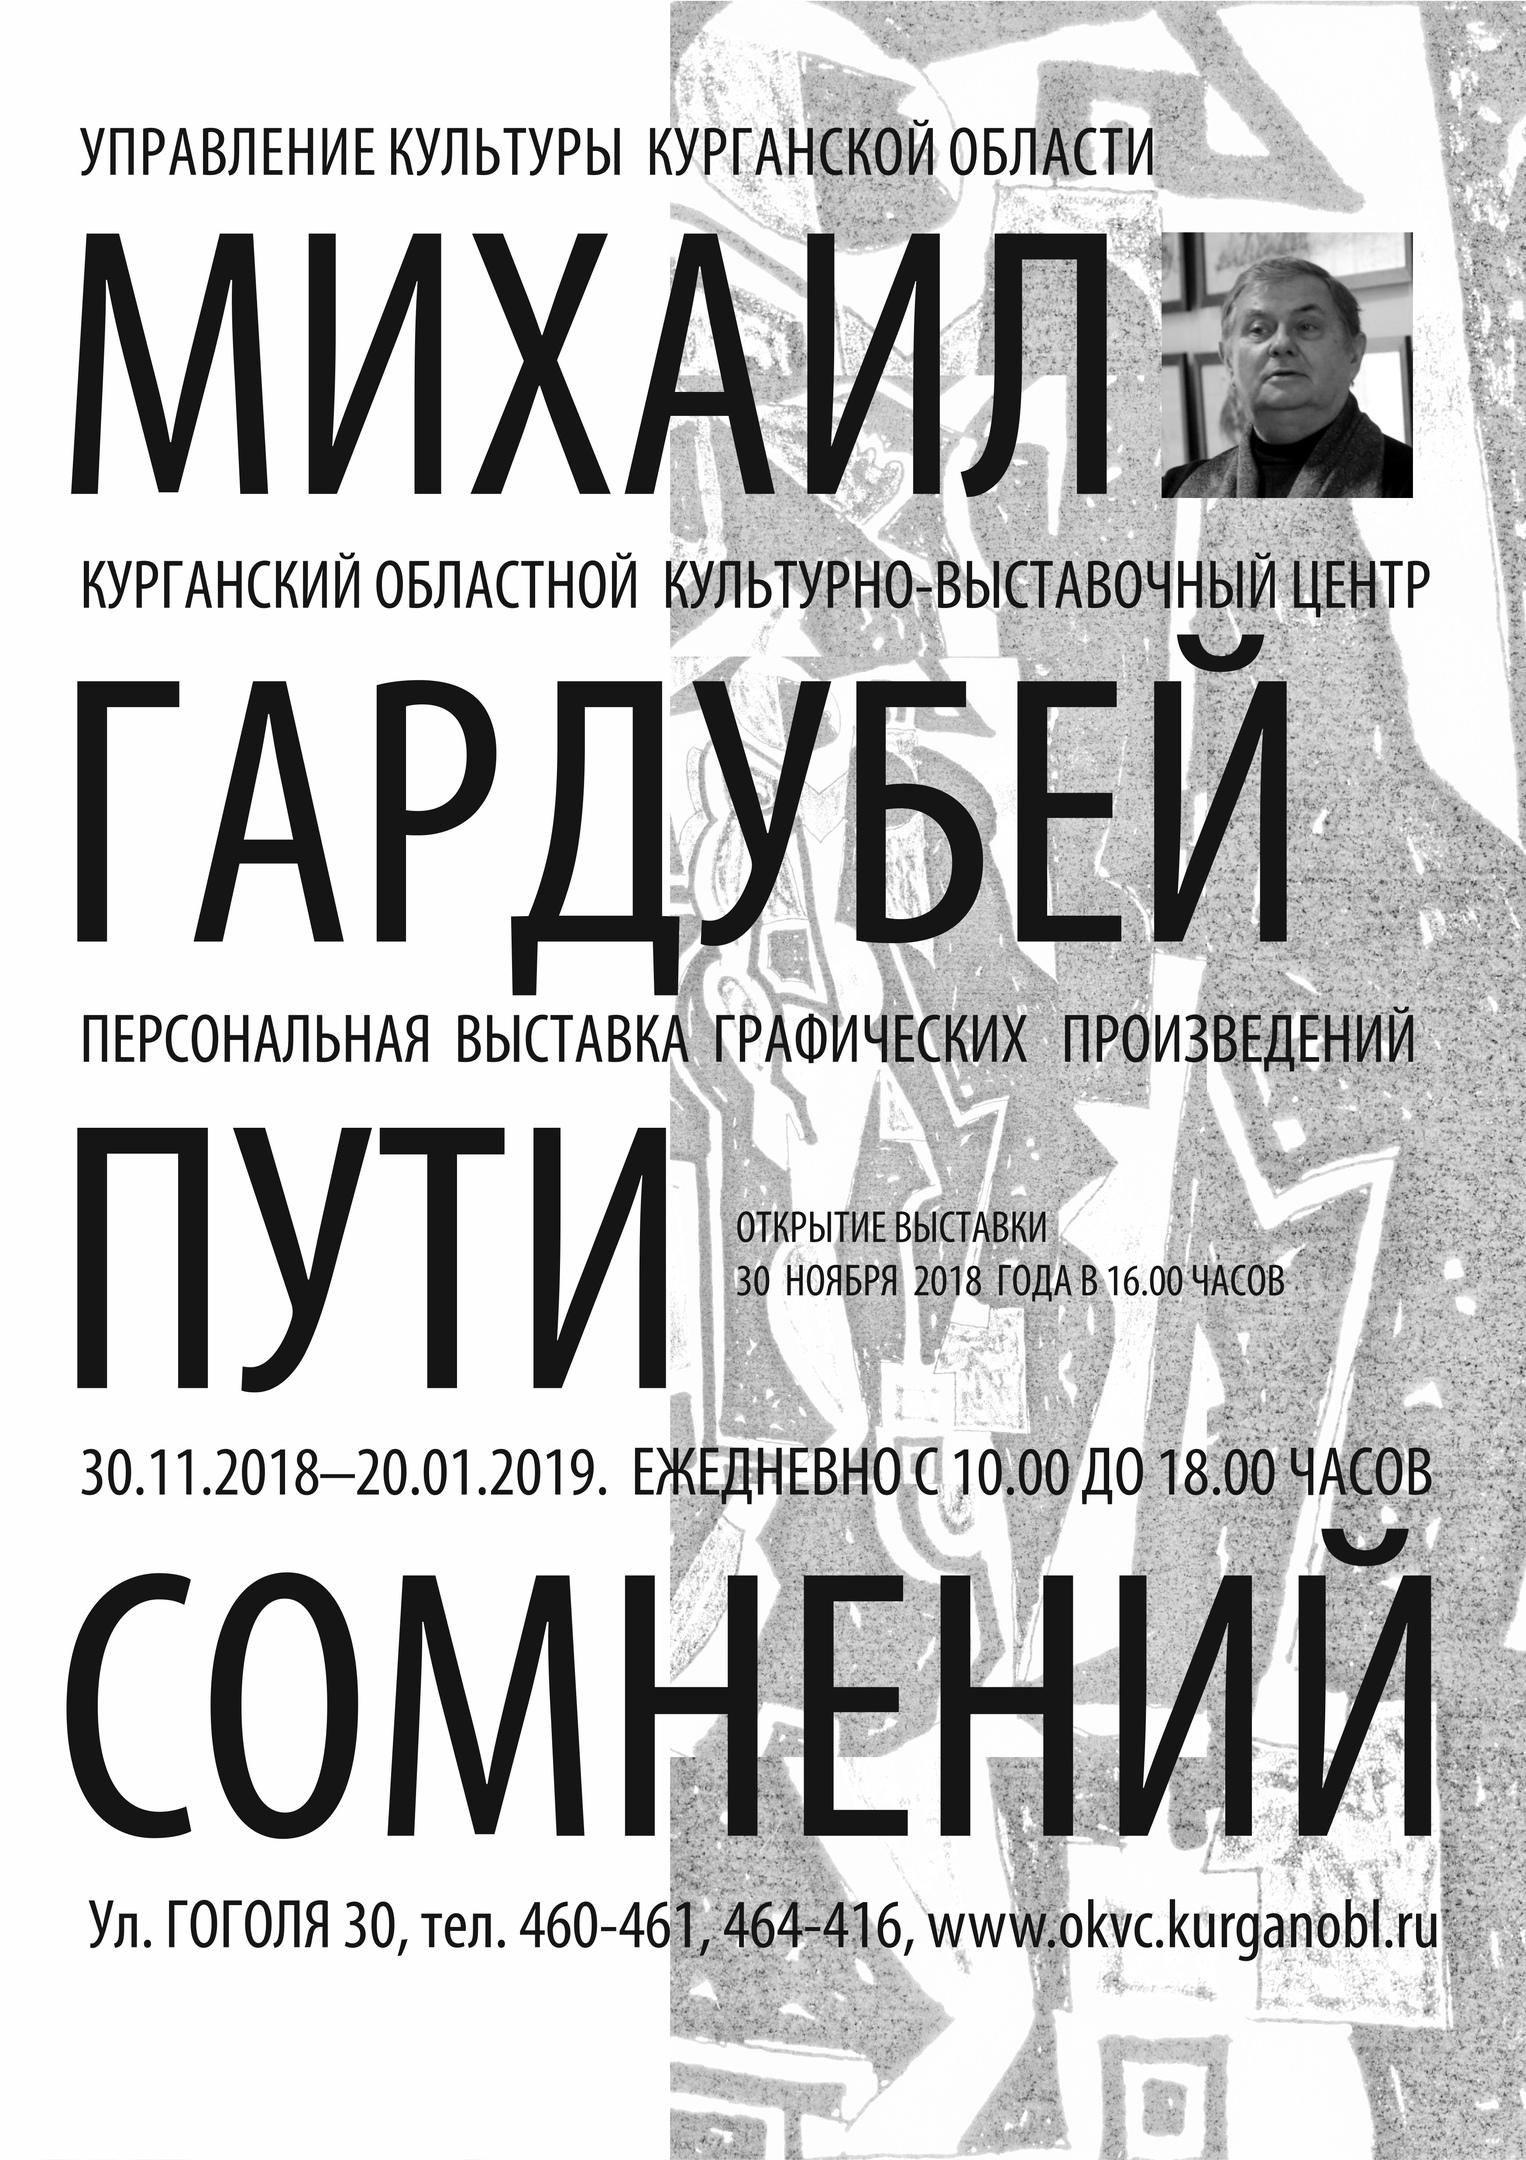 Областной культурно-выставочный центр Выставка ПУТИ СОМНЕНИЙ  курган афиша расписание